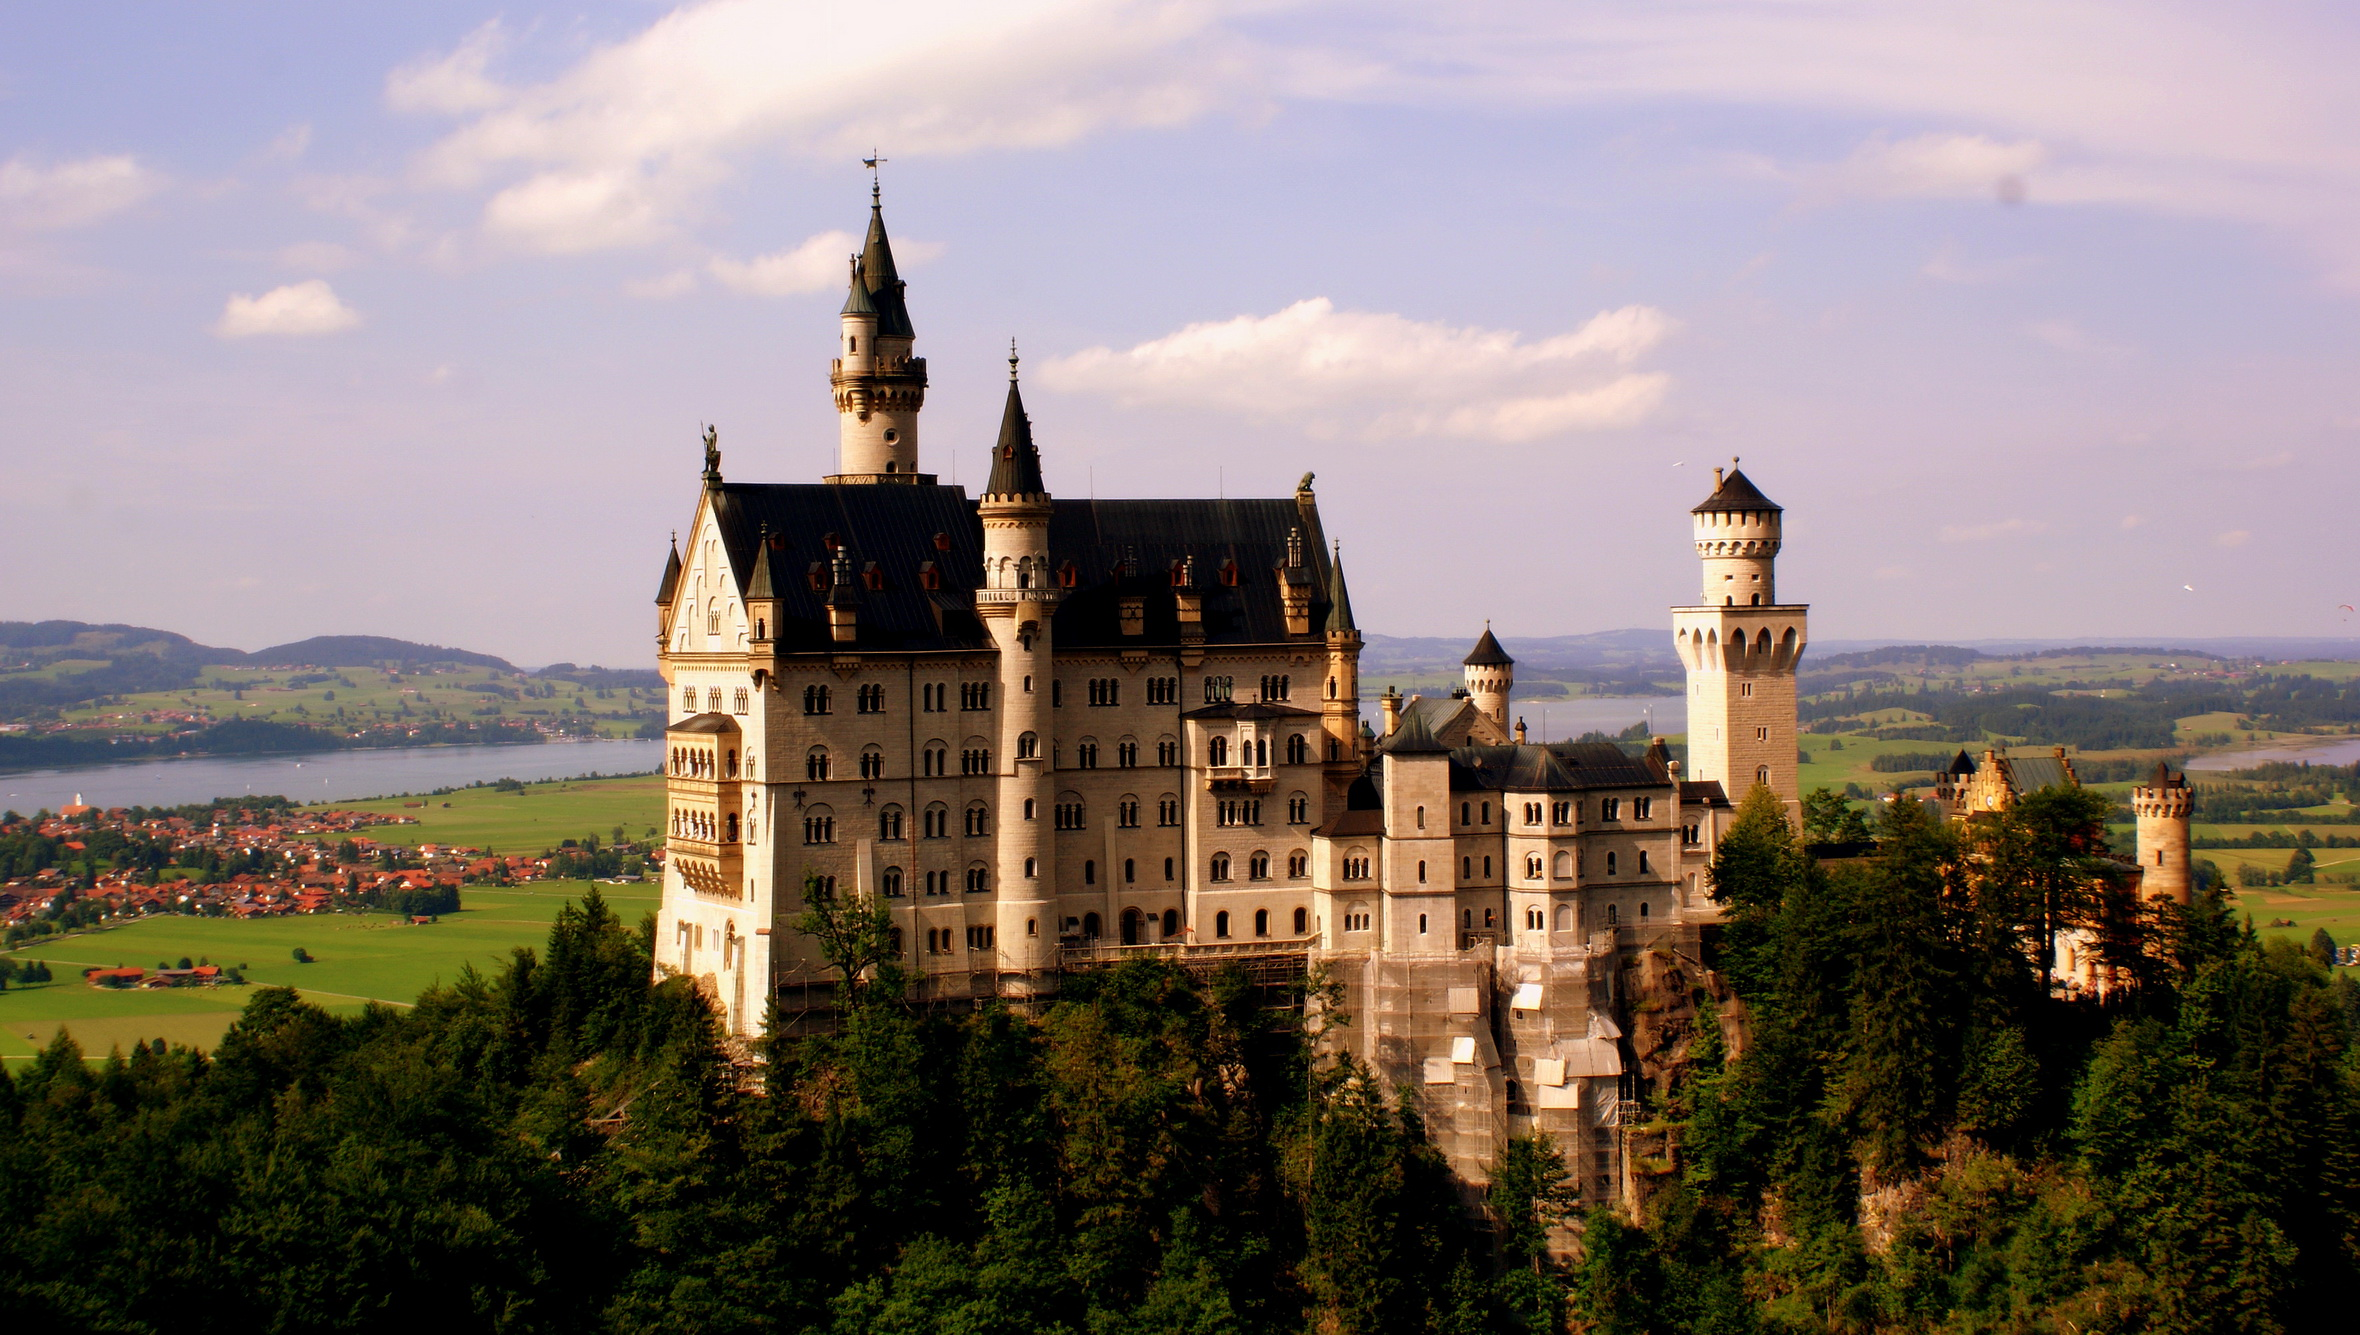 Обои юго-западная, бавария, германия, замок. Города foto 16